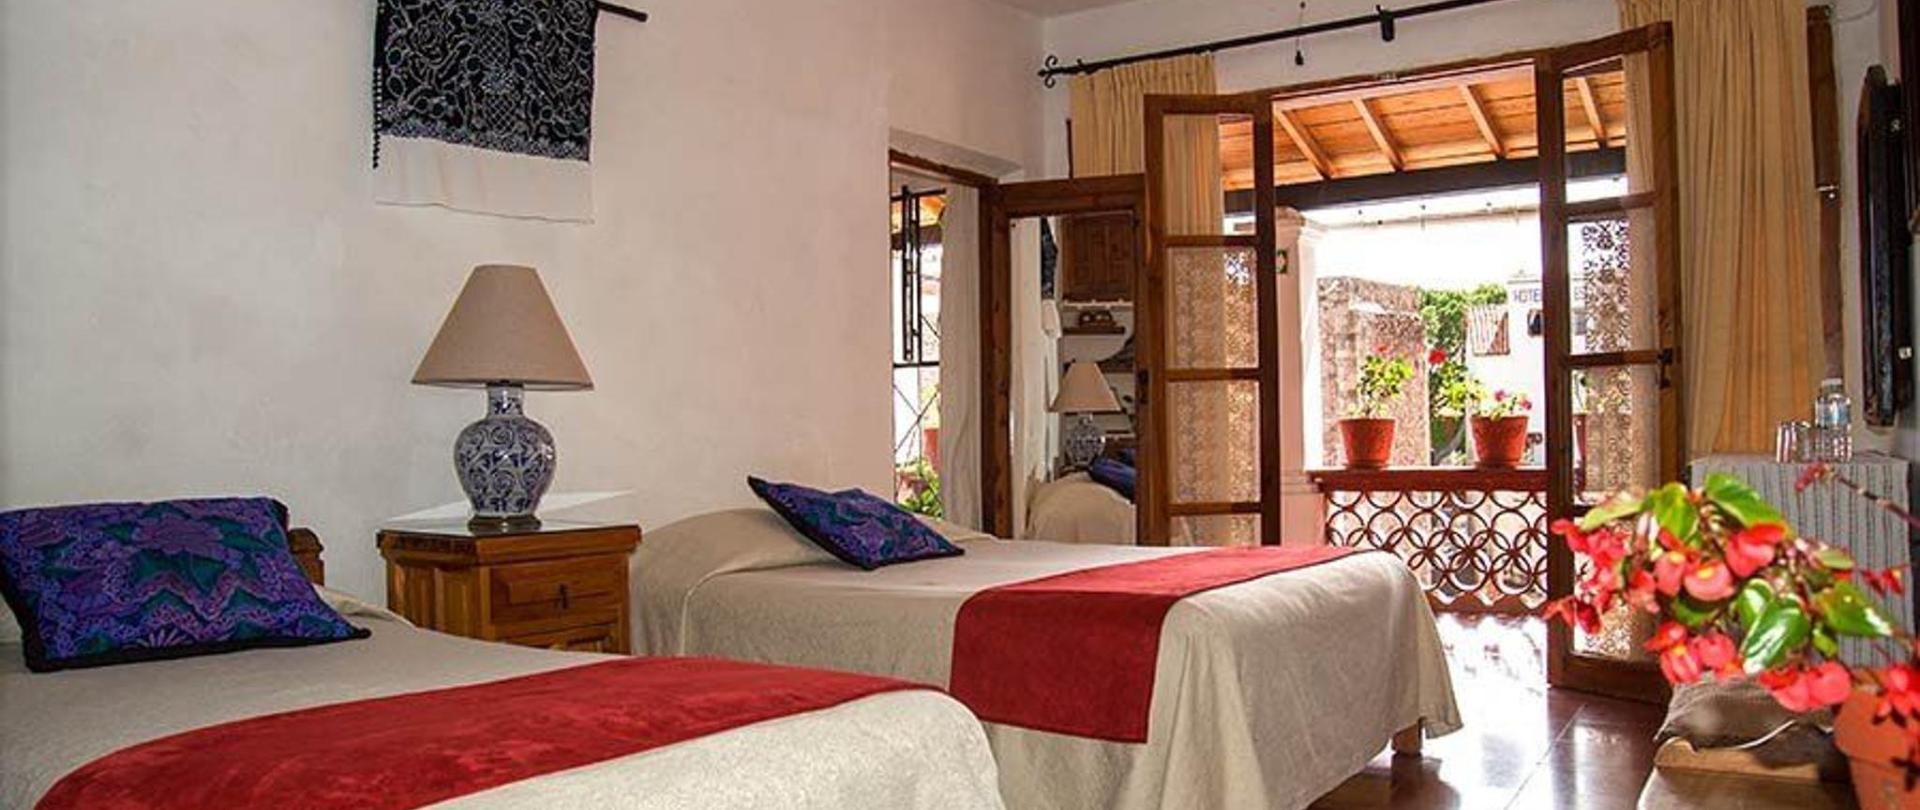 El Arbolito Guestroom at Hotel Mi Casita